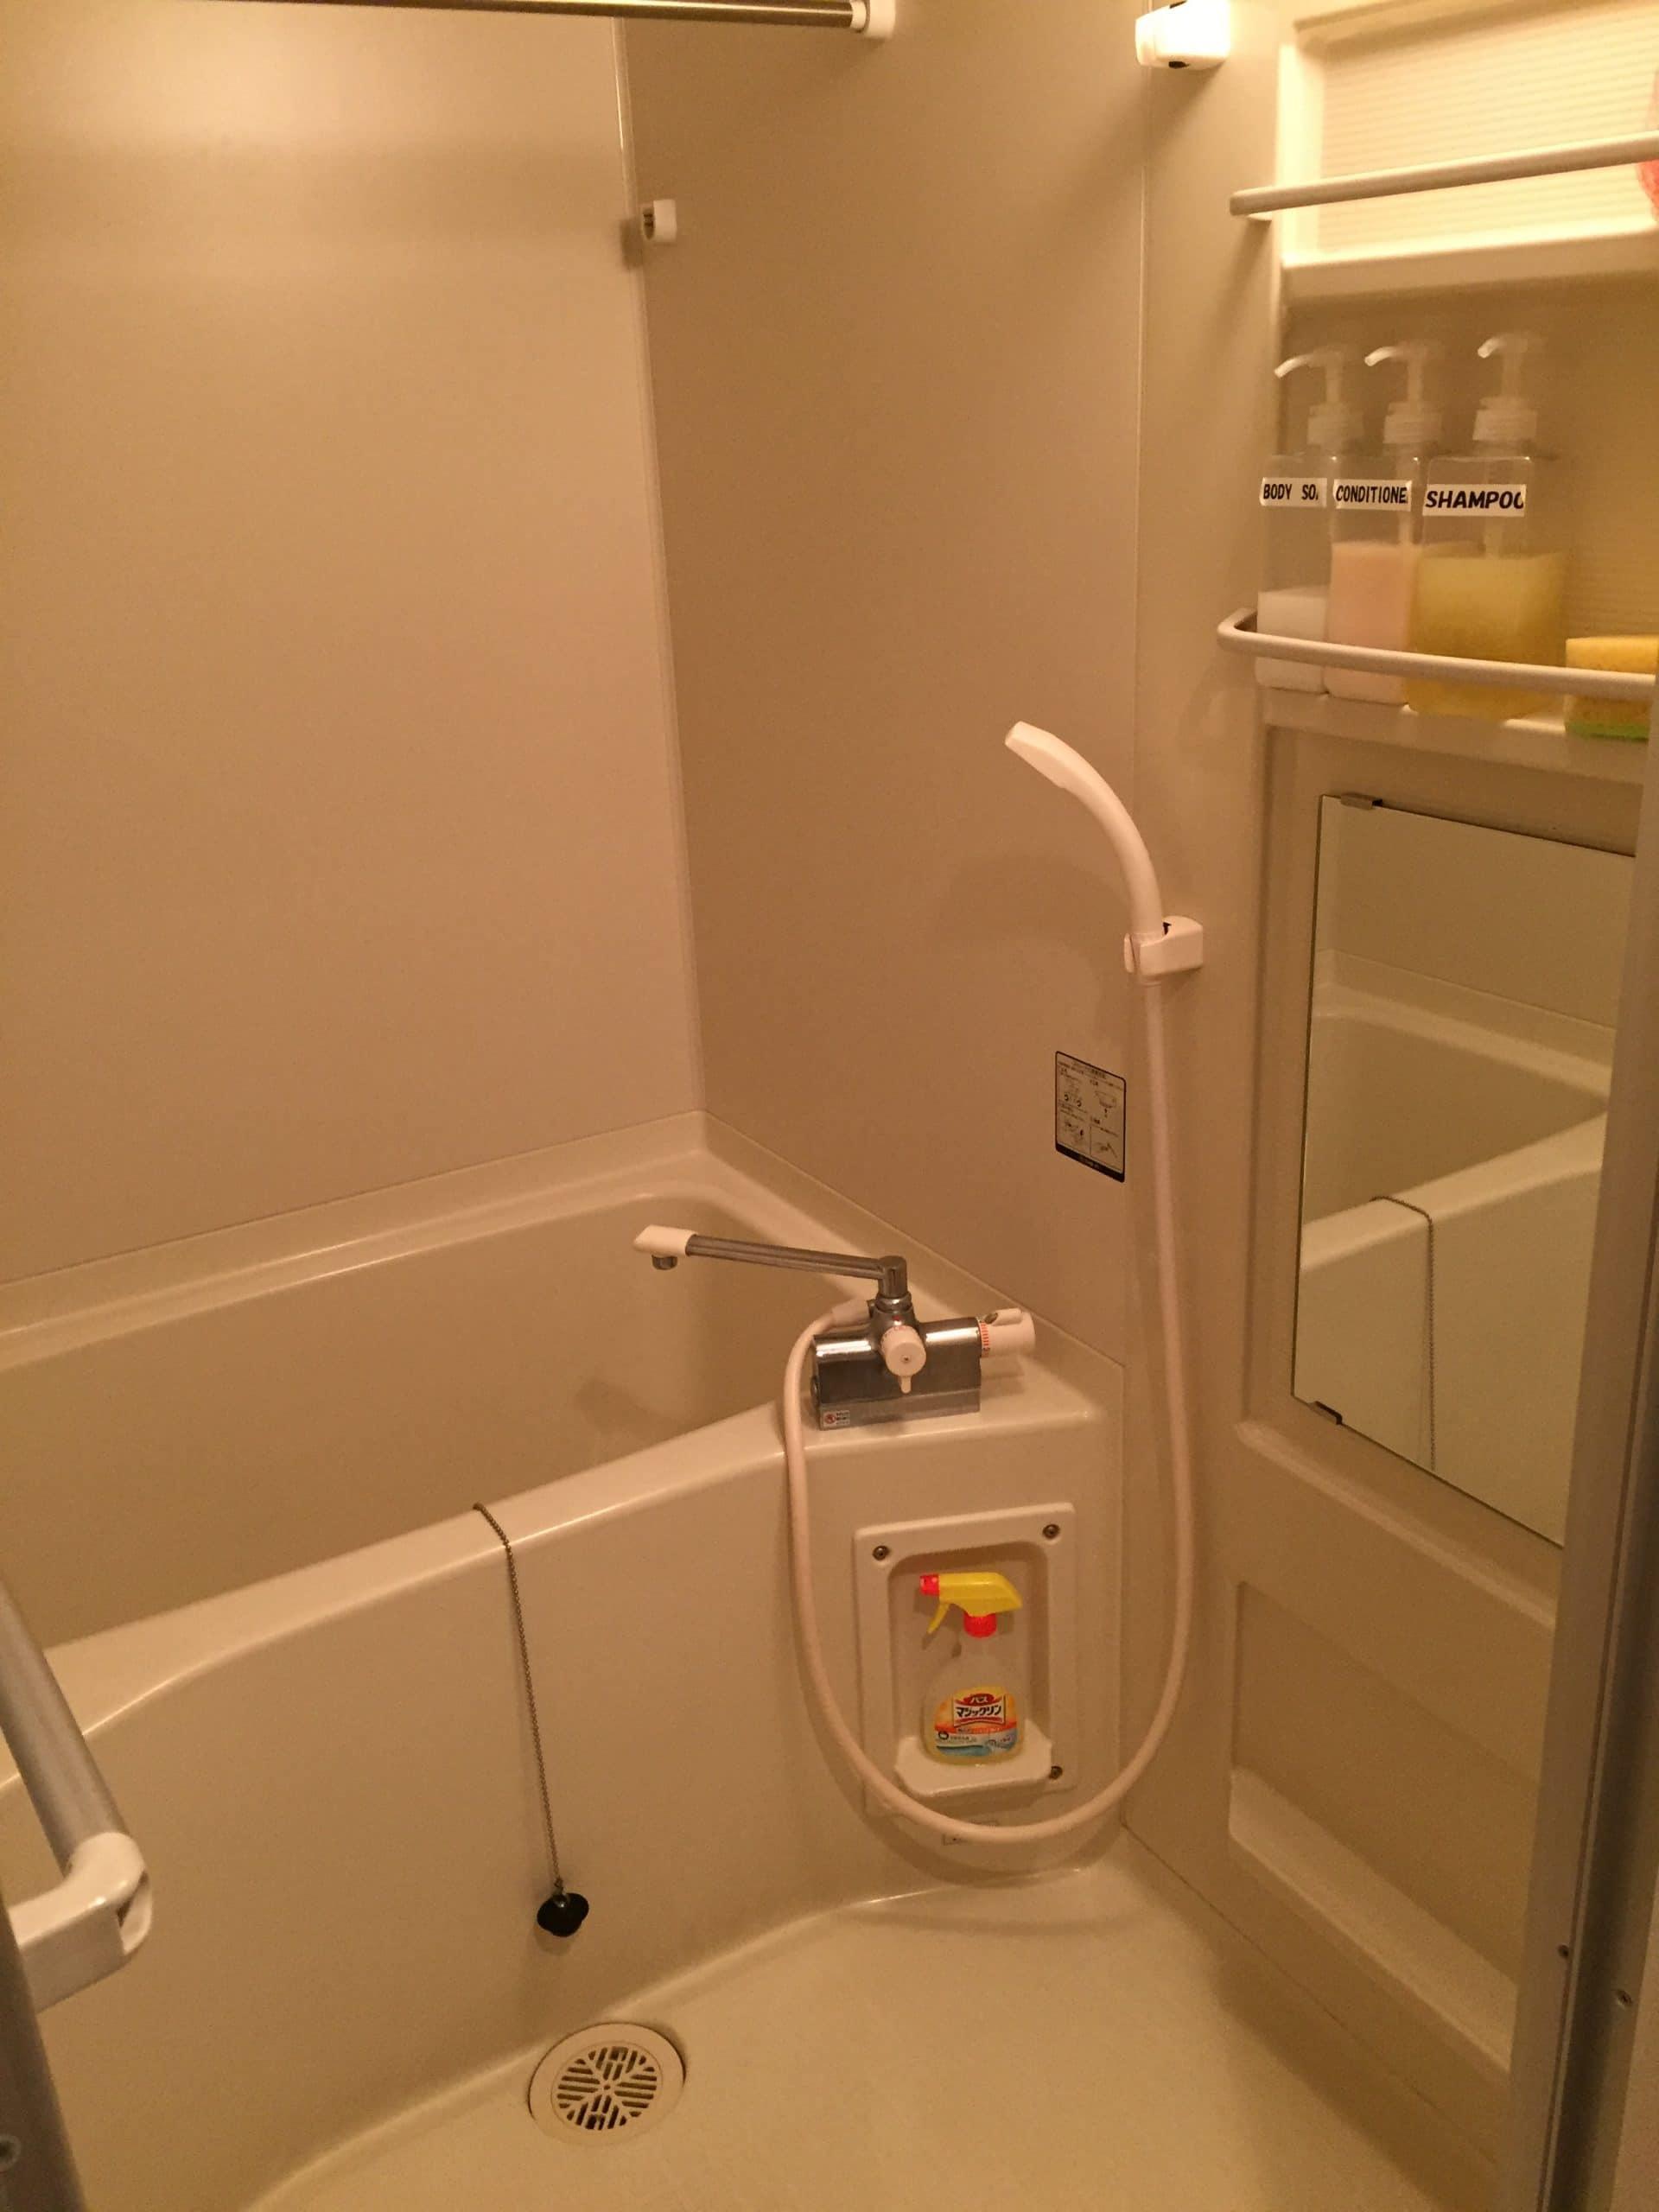 Salle de bain japonaise france for Salle de bain japon